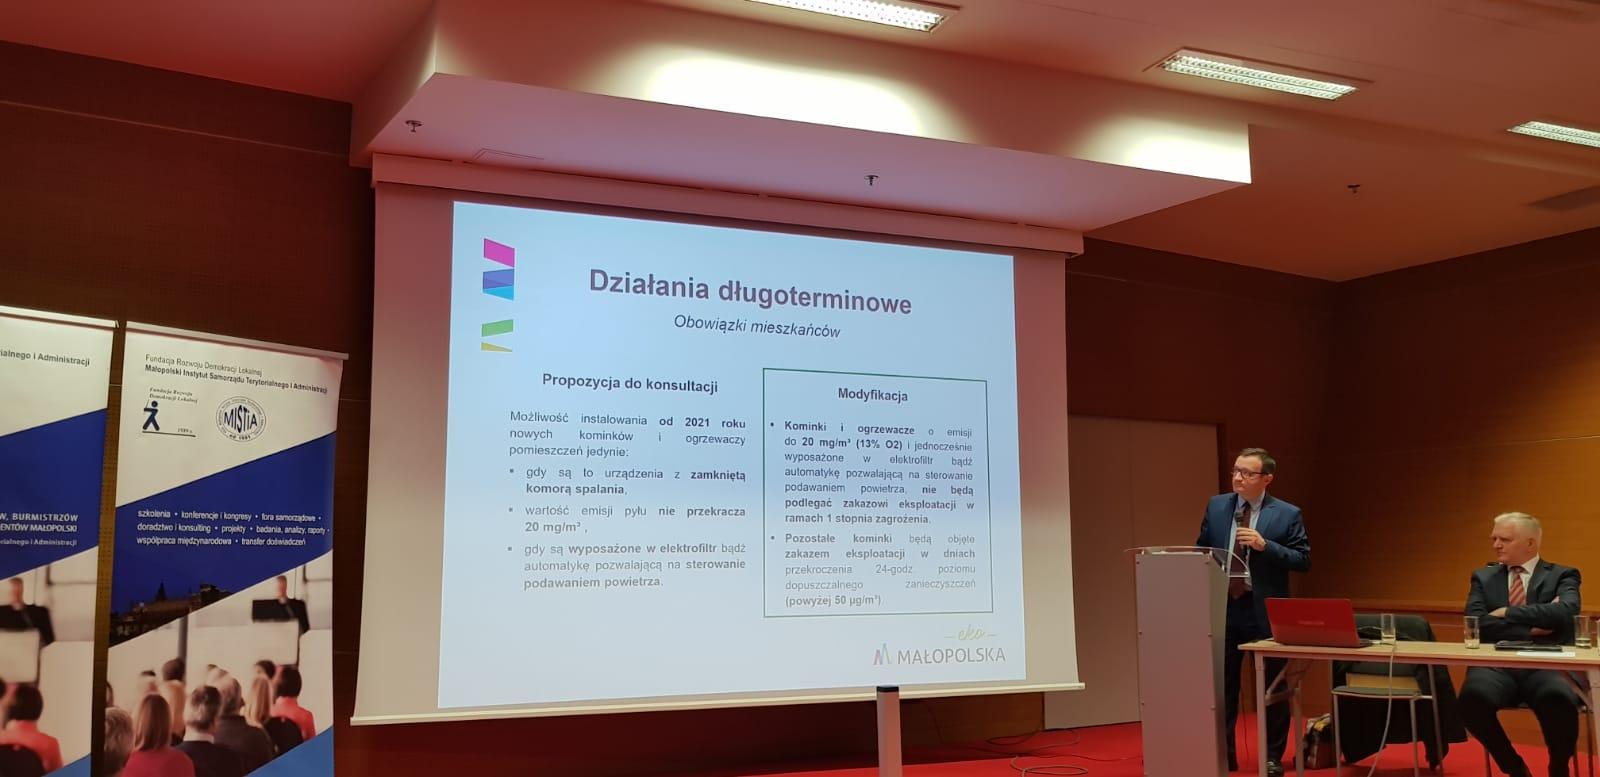 IMG 20200207 WA0001 Antysmogowa Konferencja Forum Wójtów, Burmistrzów i Prezydentów Małopolski z udziałem Burmistrza Dąbrowy Tarnowskiej